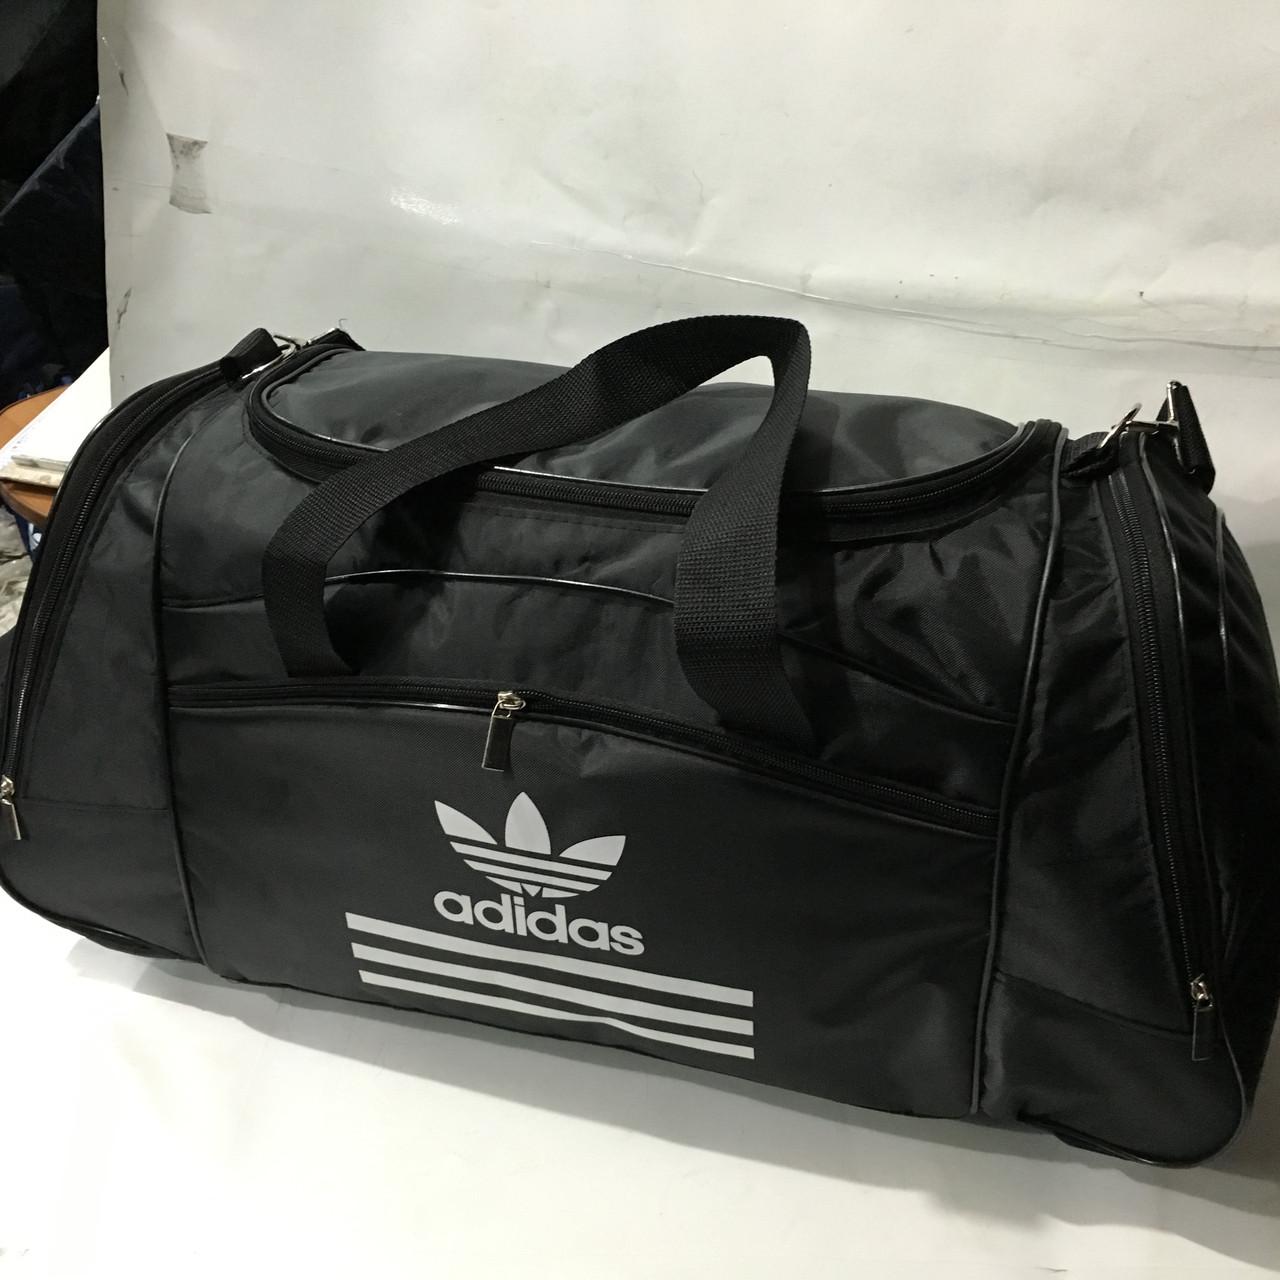 4e94c828d8a7 Спортивная дорожная сумка Адидас, сумки из ткани, магазин дорожных сумок,  сумка для обуви